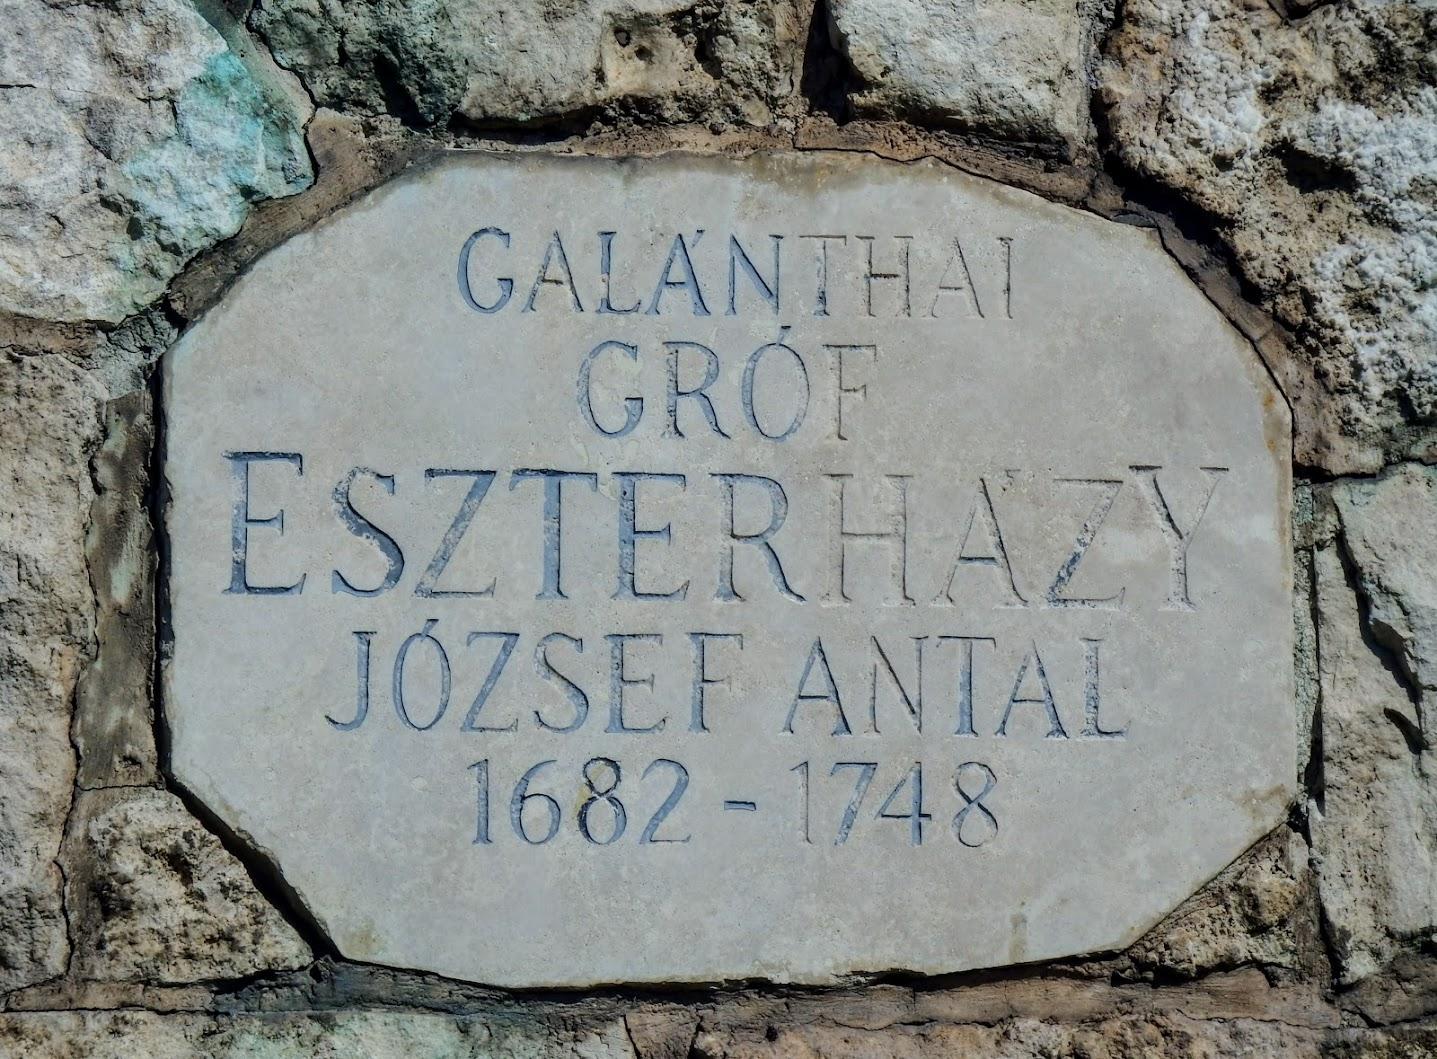 Tatabánya - Gróf Eszterházy József Antal lovasszobra